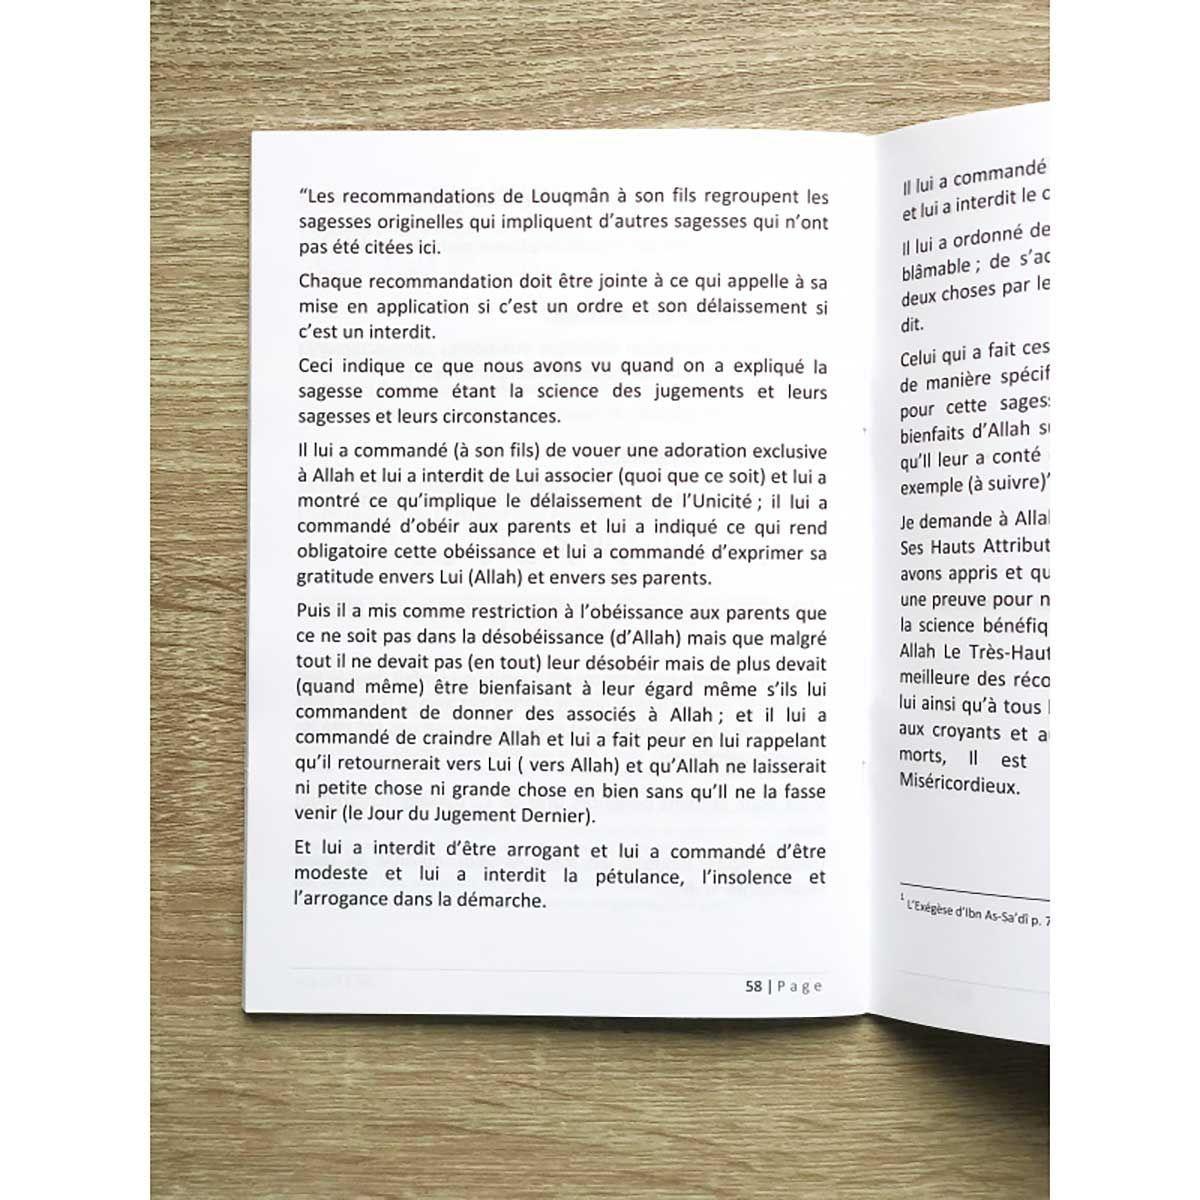 50 bénéfices tirés des recommandations de Louqman Le Sage à son fils -Cheikh Abder-Razzâq Al Abbâd Al Badr